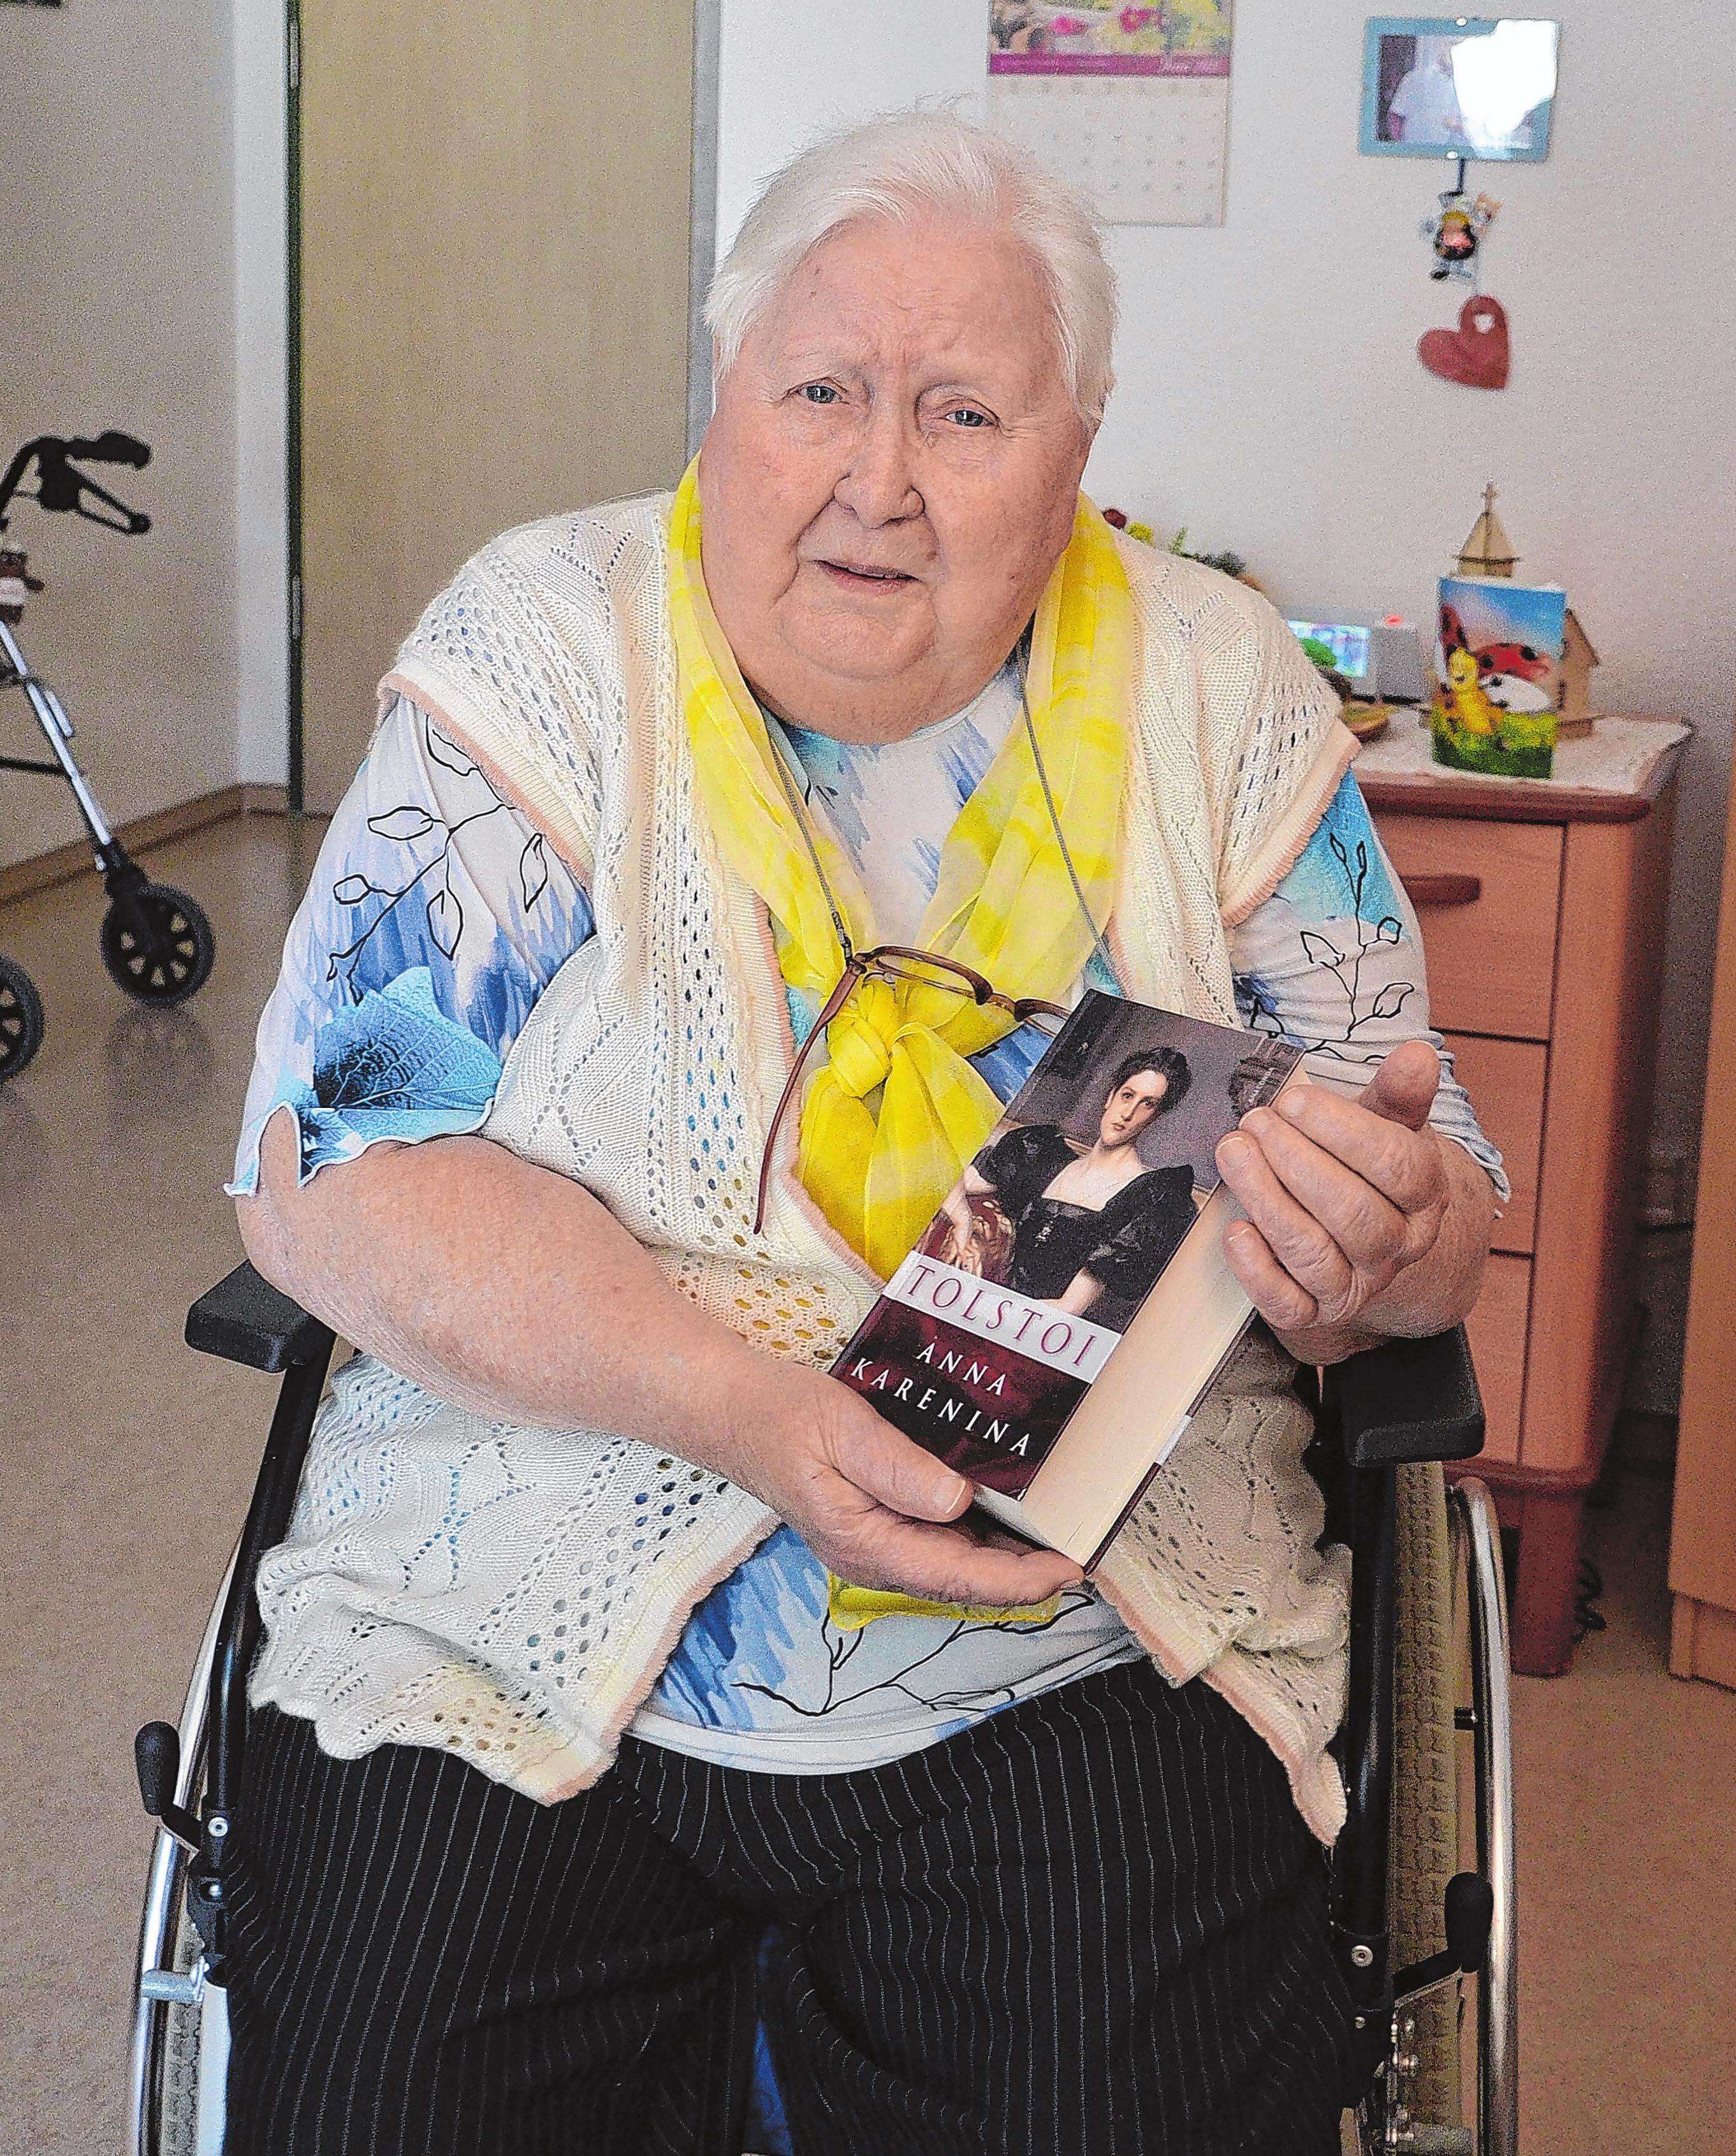 Liebt ihre Bücher: Renate Radcke. Sie lebt in der stationären Pflege in Beeskow. Foto: Reinhard Witteck